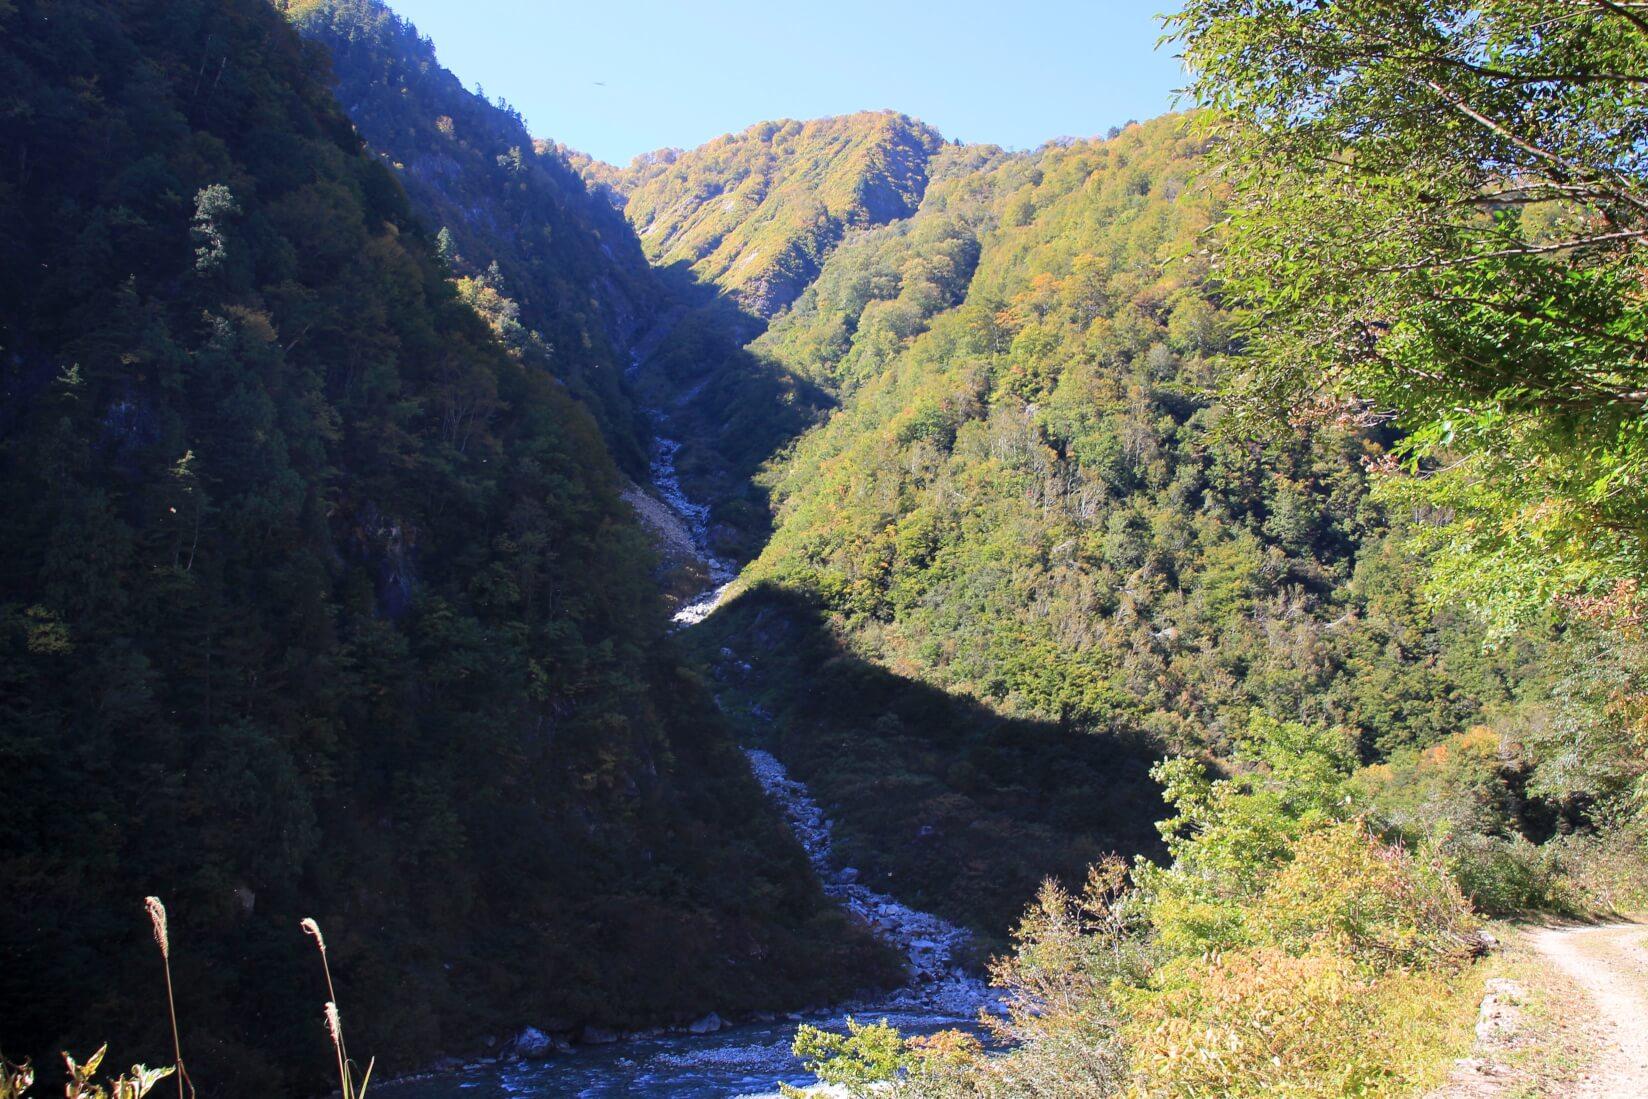 下ノ廊下、十字峡〜仙人谷ダム区間